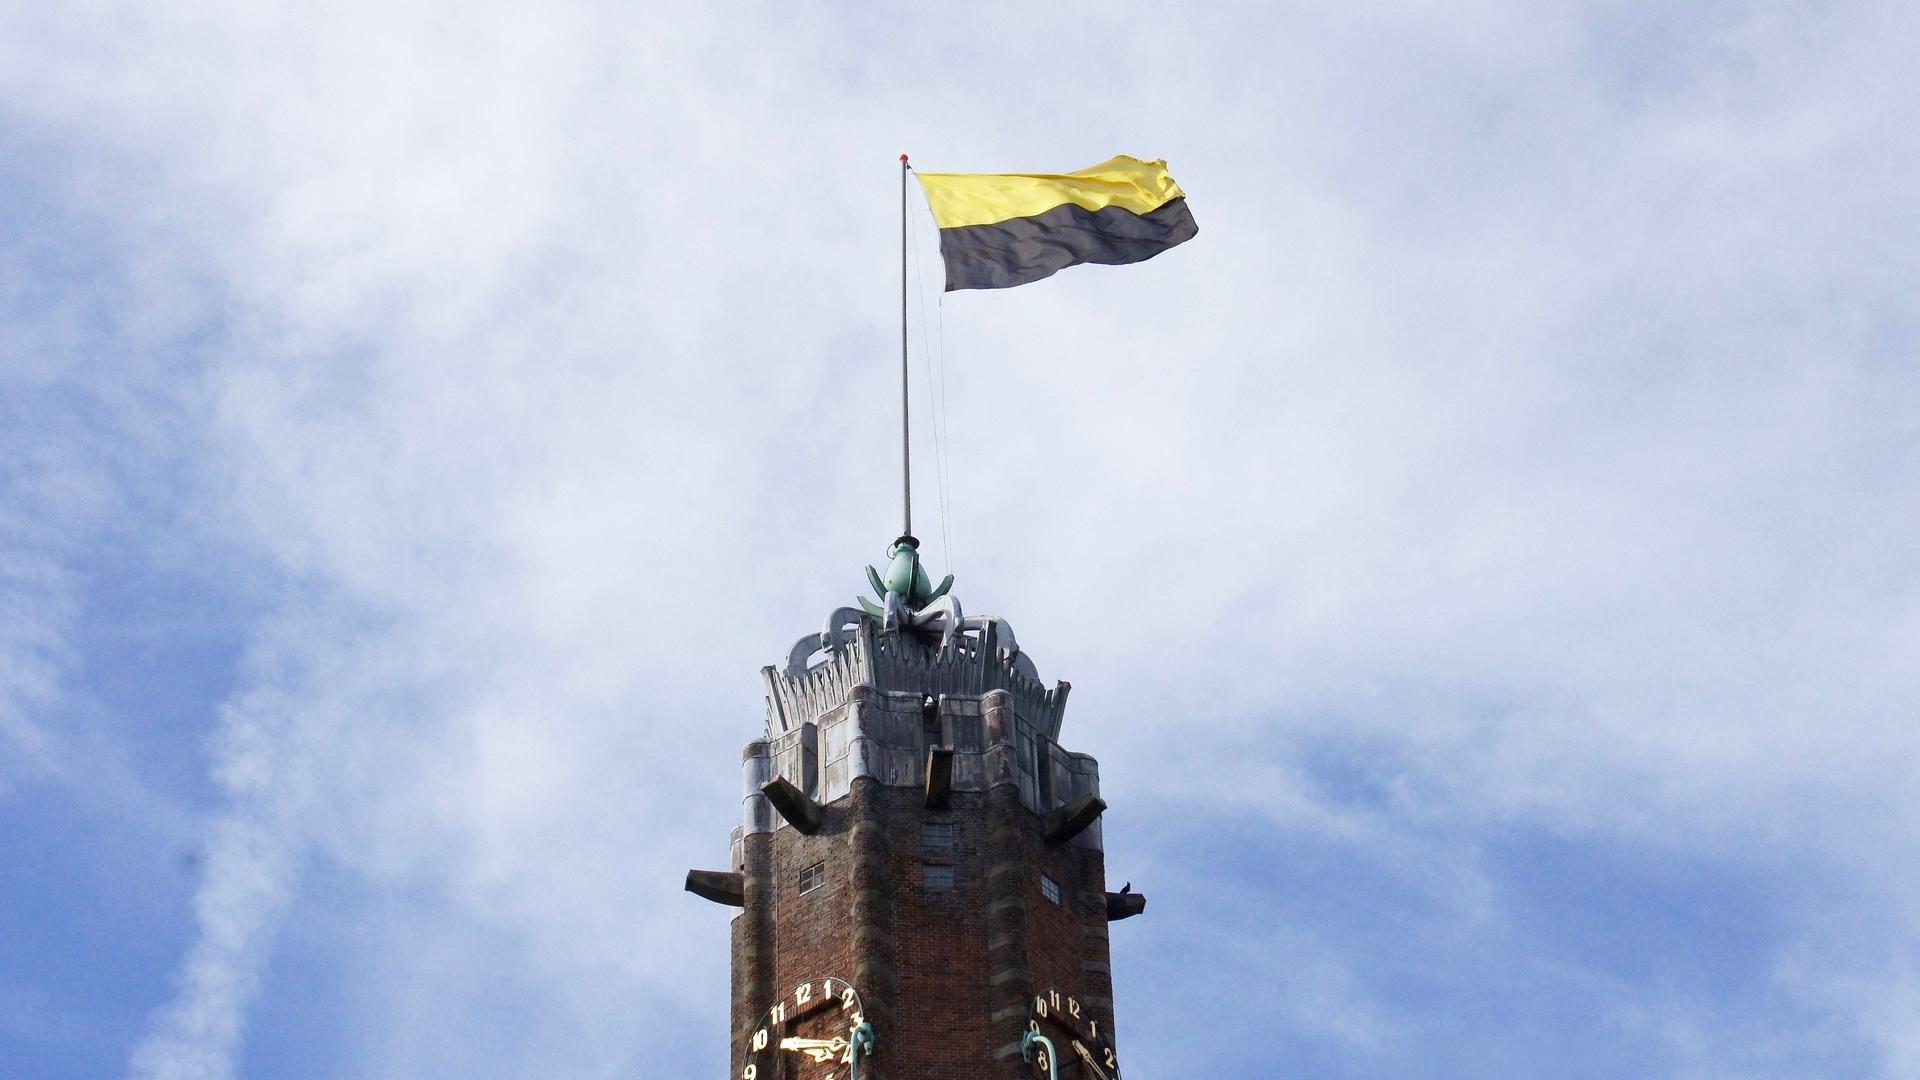 oude-nicolaas-met-vlag-bernard-brosi-.jpg